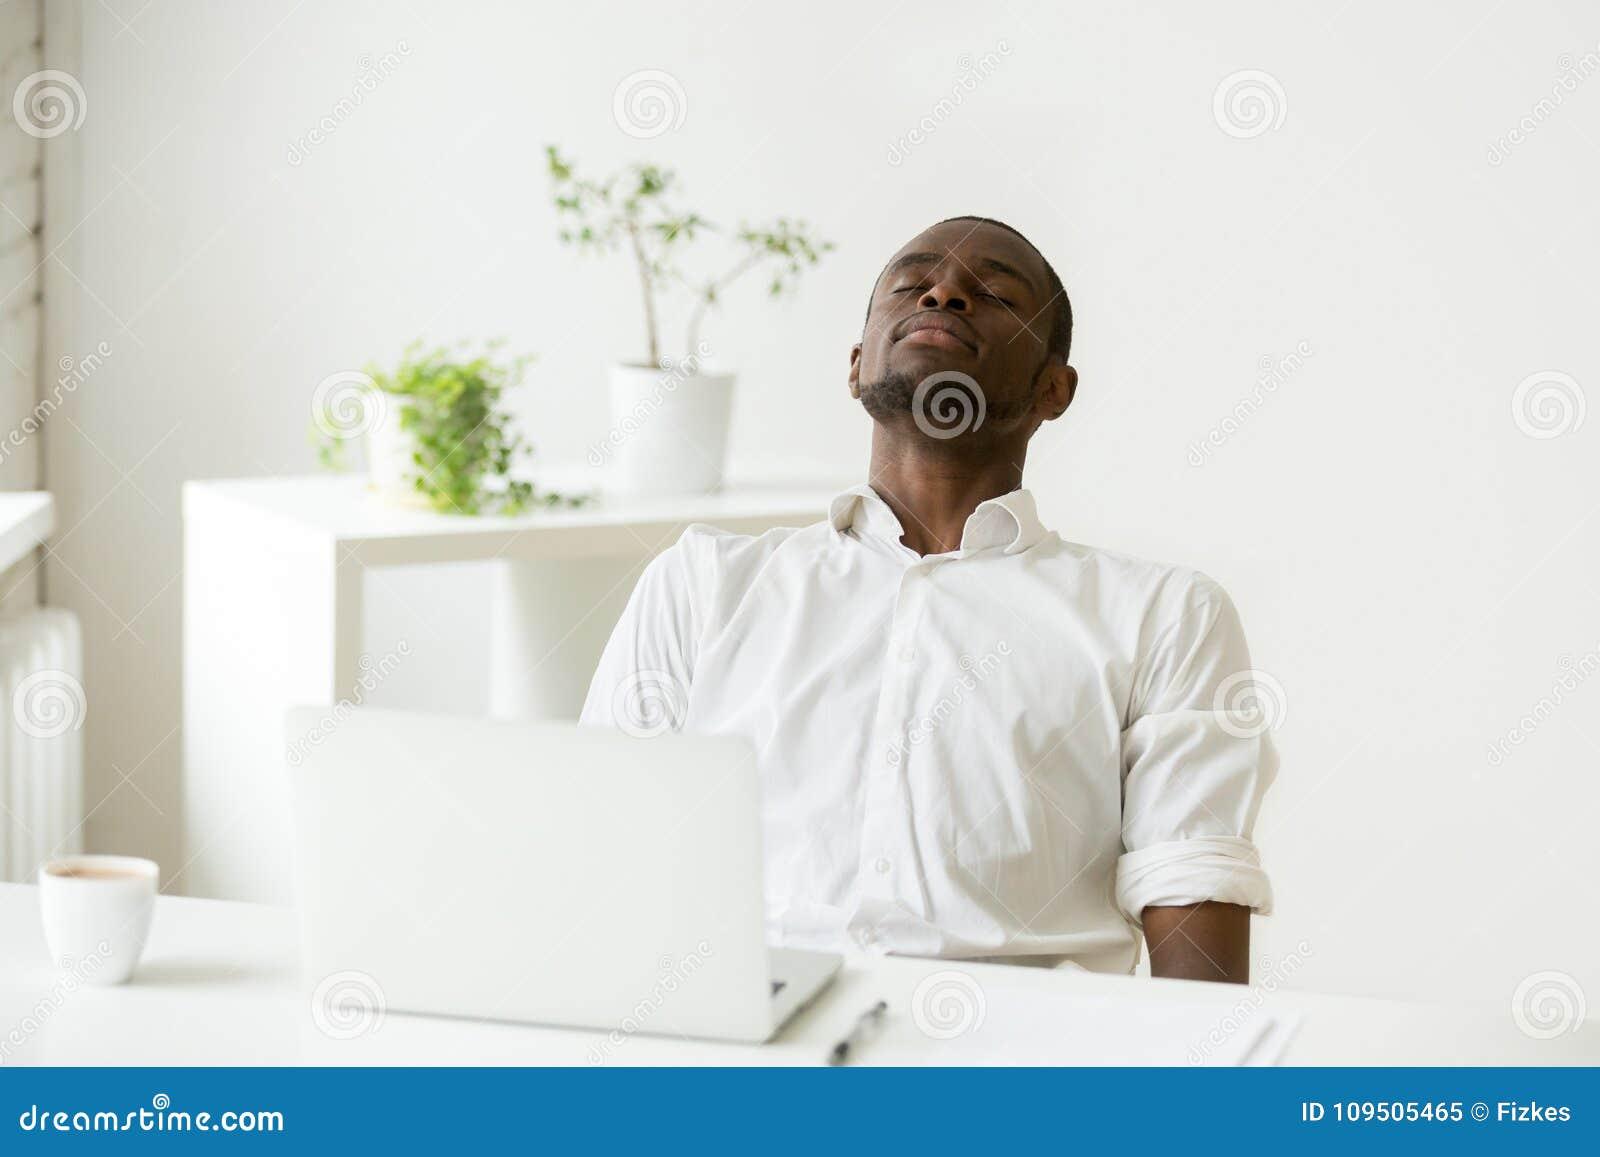 Zwarte werknemer die rust nemen die oefening voor ontspanning doen op het werk